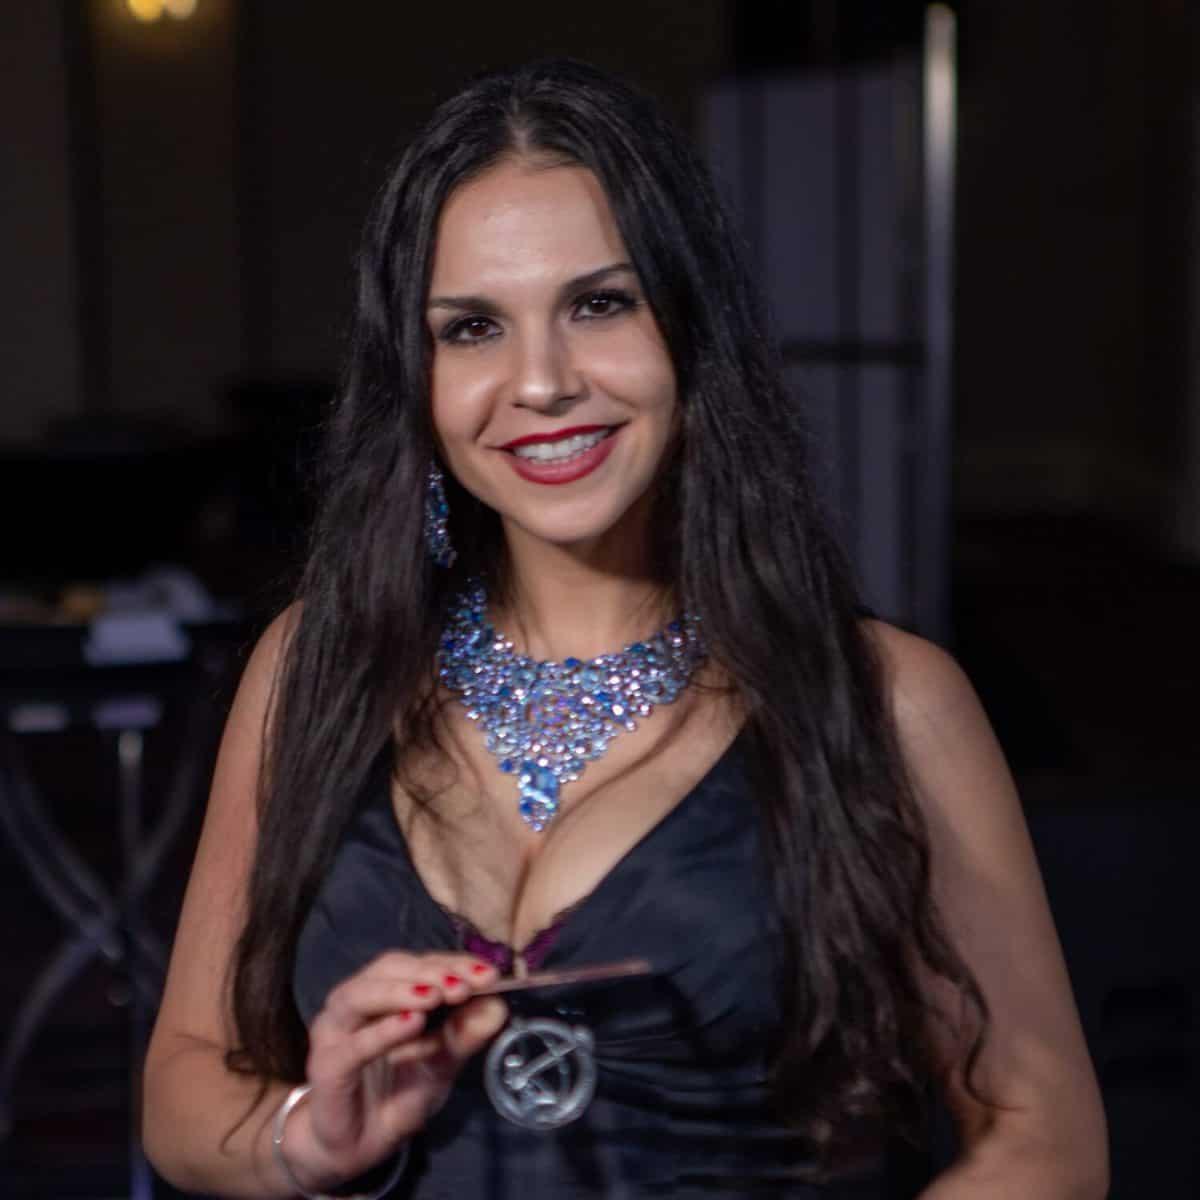 Victoria Tabak